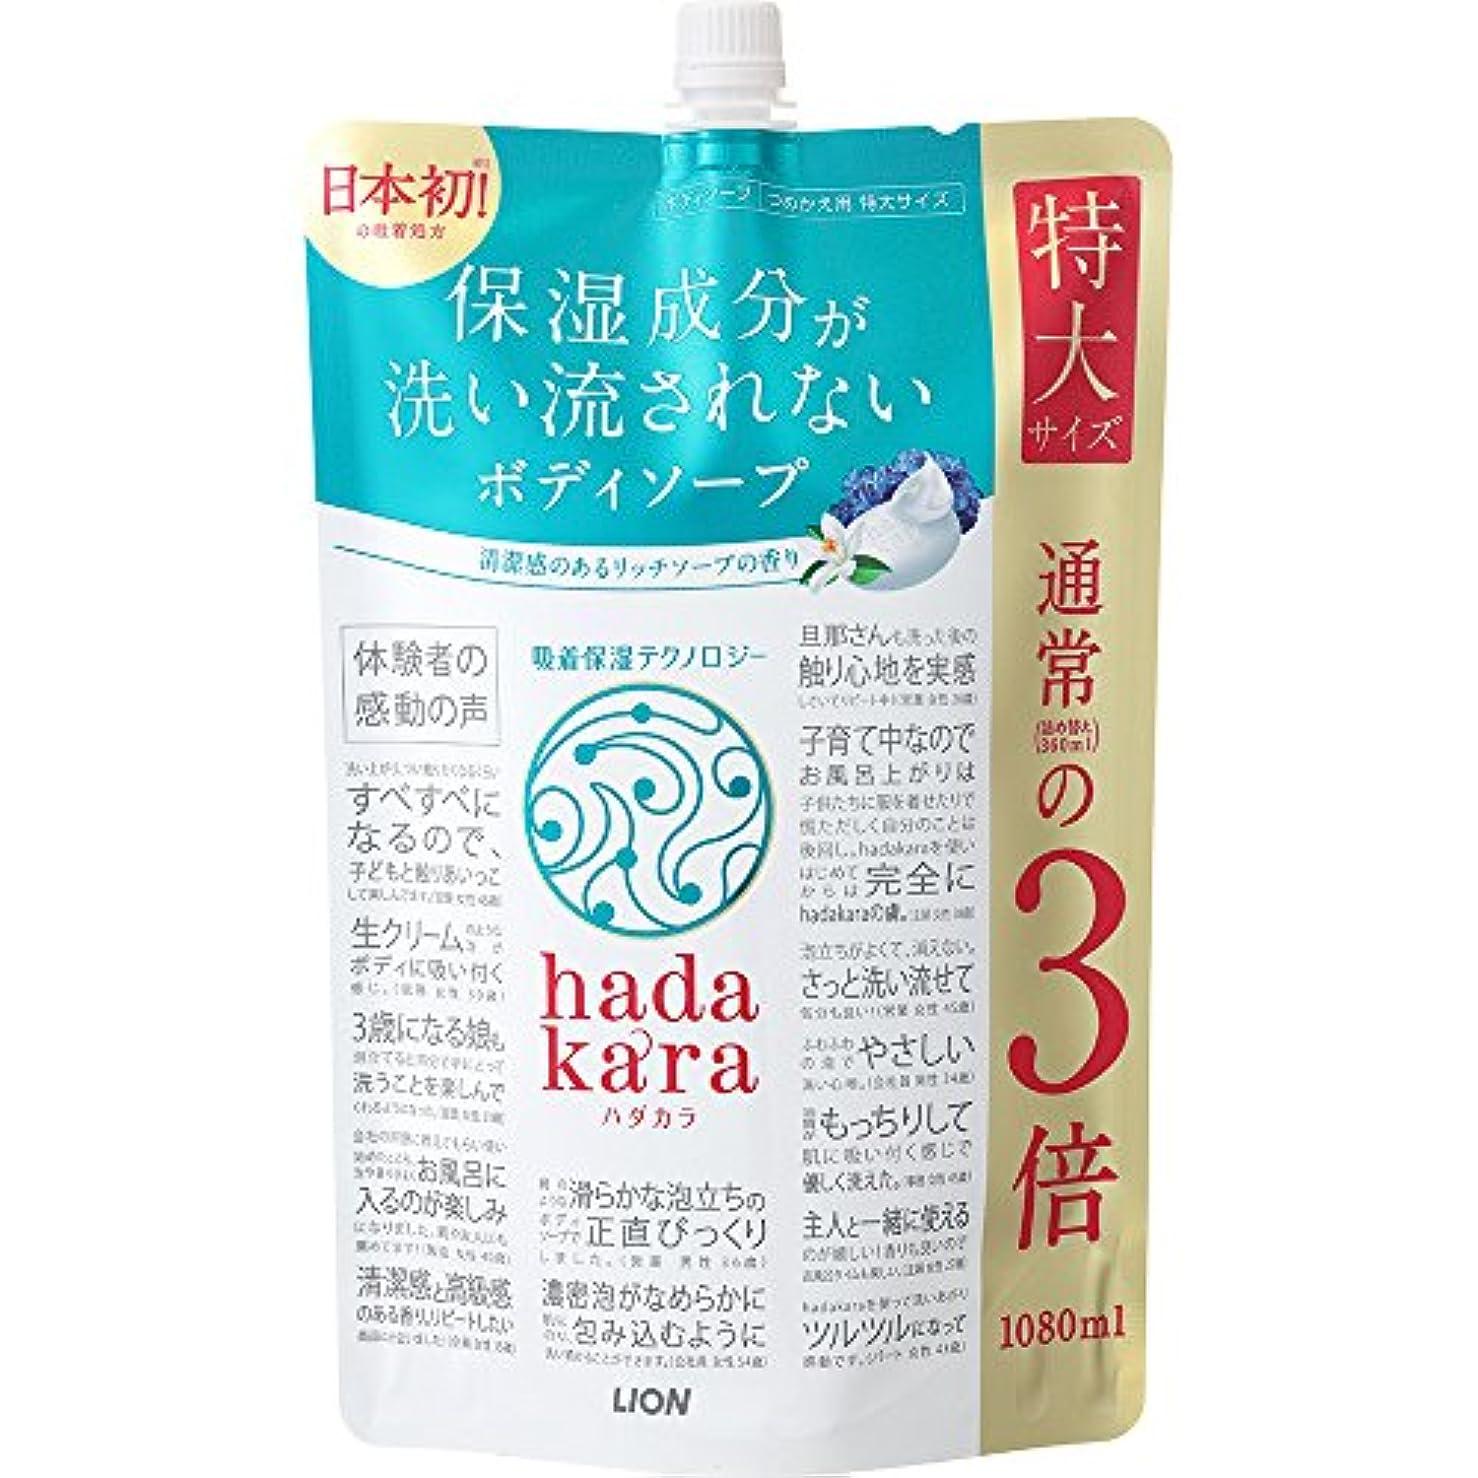 方程式どうしたの何よりも【大容量】hadakara(ハダカラ) ボディソープ リッチソープの香り 詰め替え 特大 1080ml